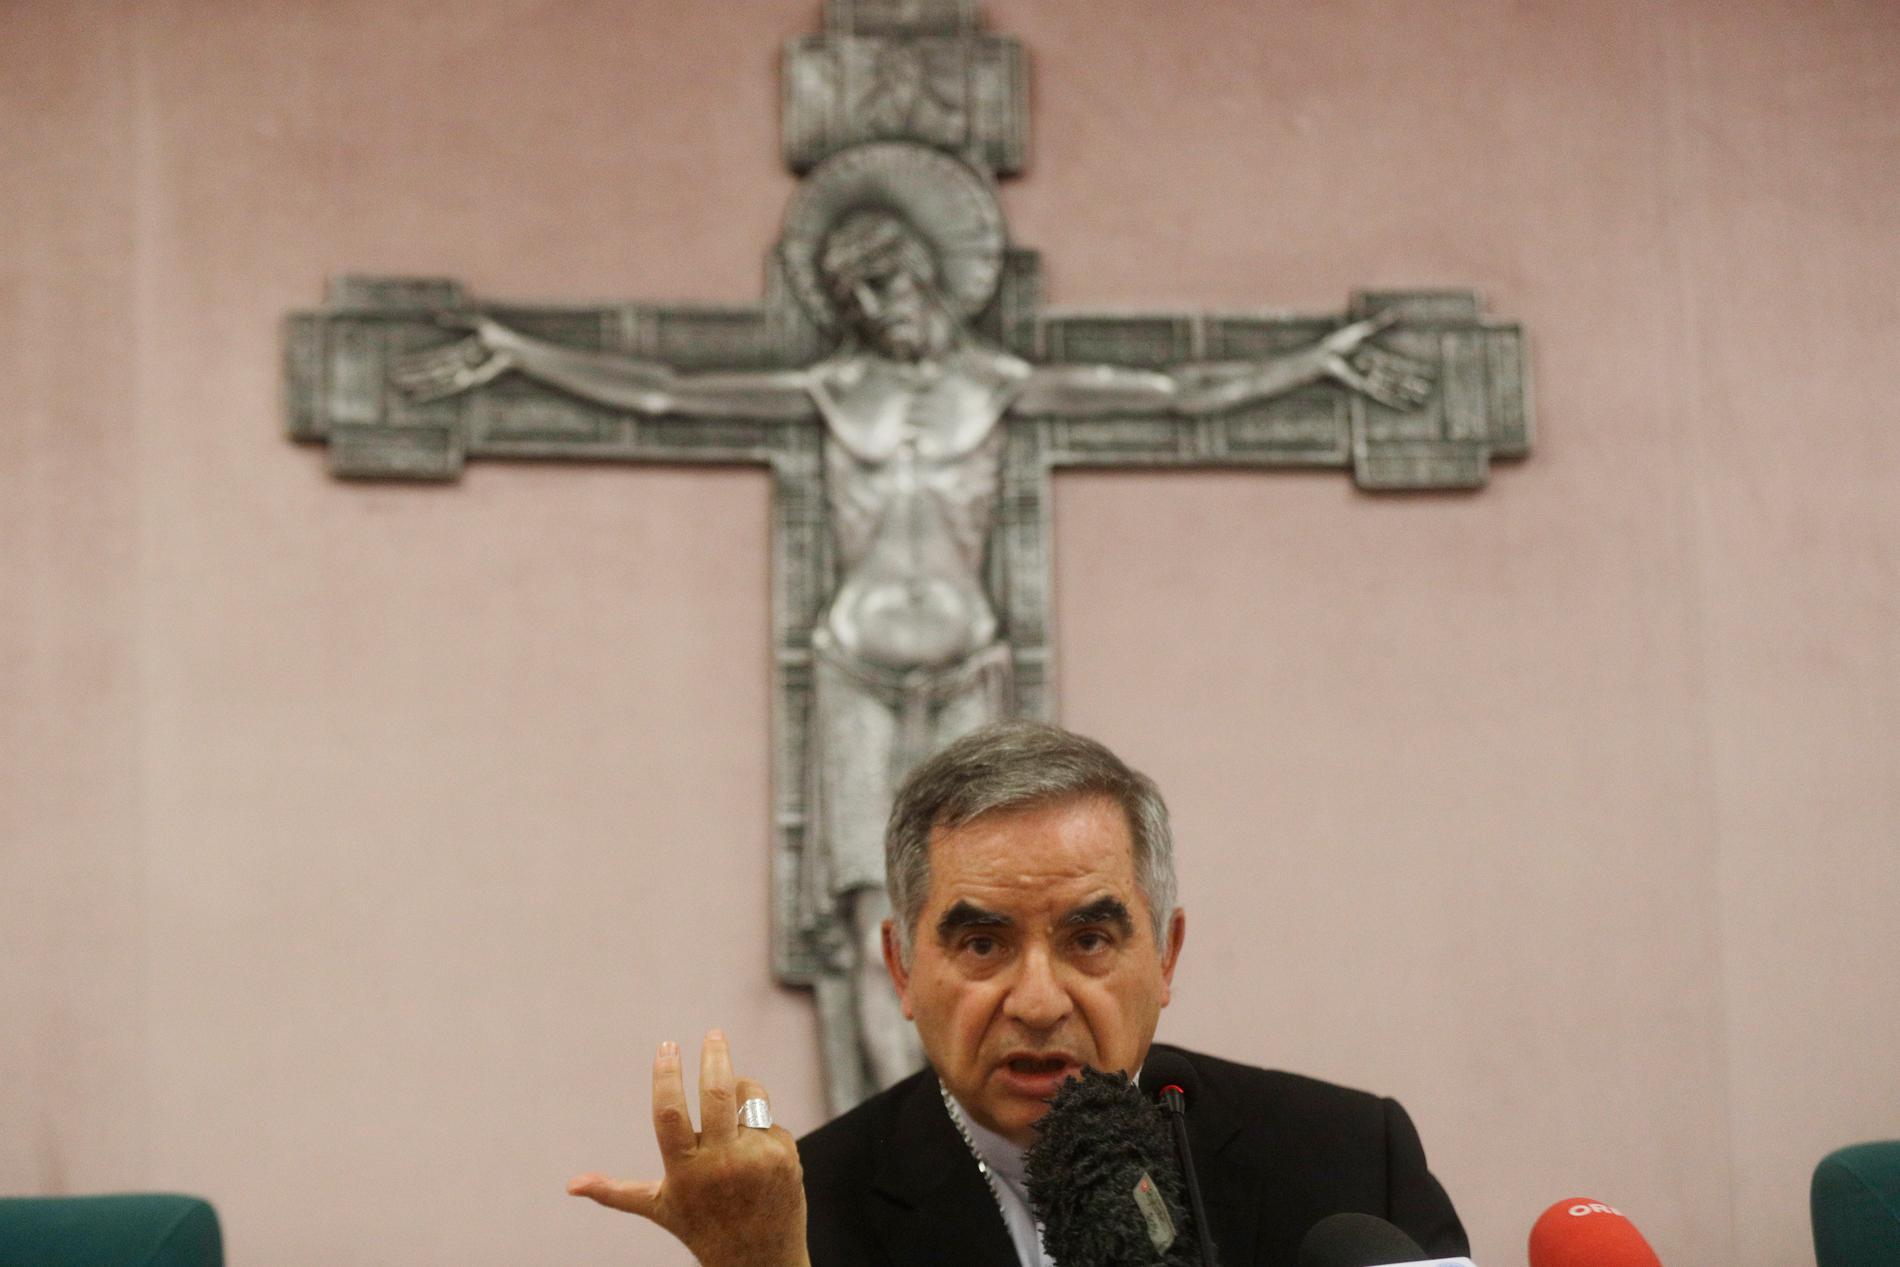 Tidigare kardinalen Angelo Becciu vid en presskonferens i september, efter att han blivit av med sin titel. Arkivbild.